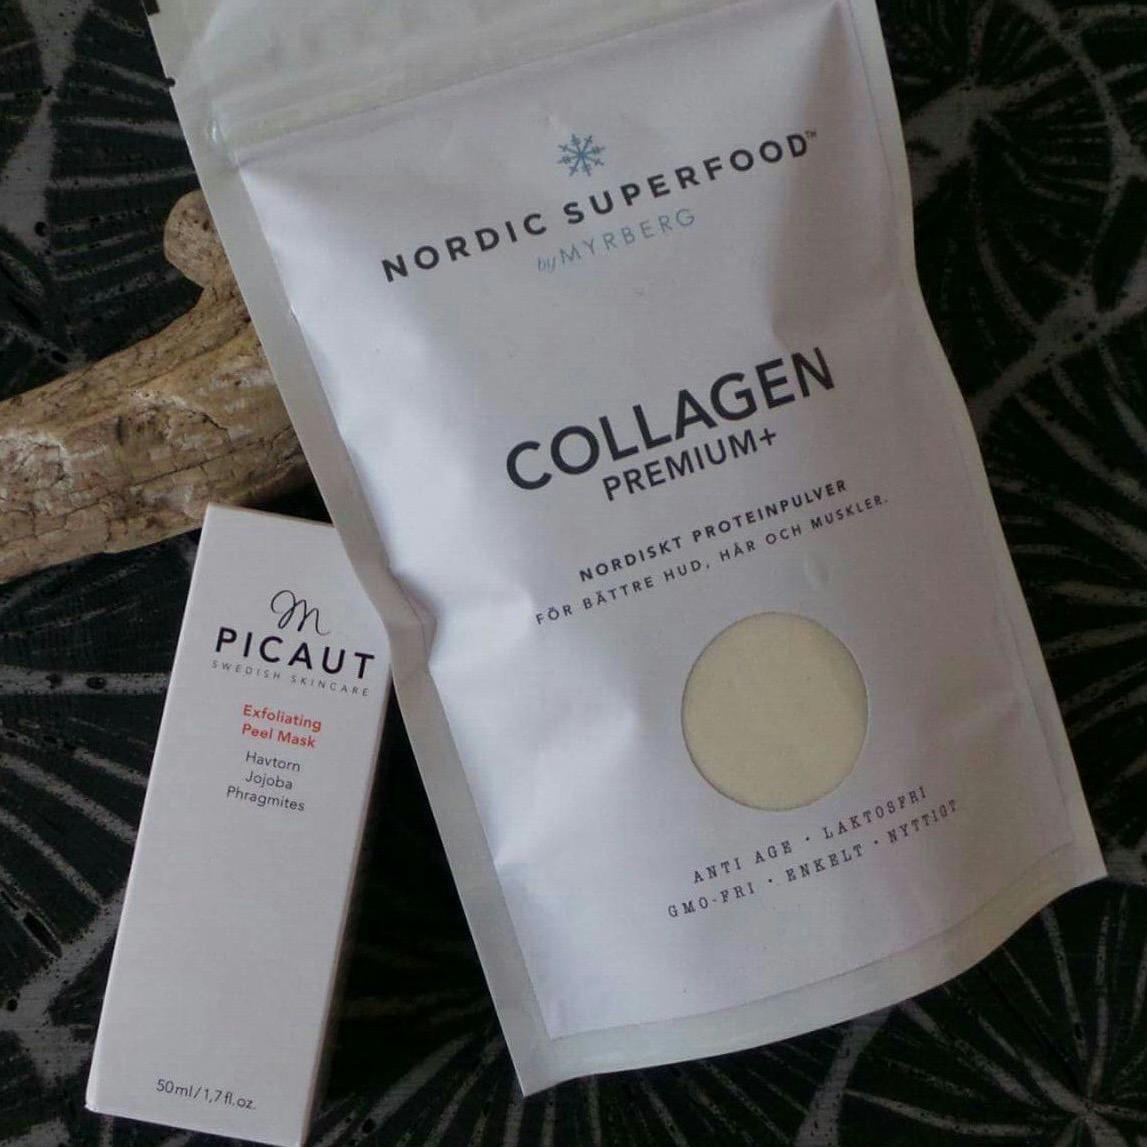 bästa collagen tillskottet